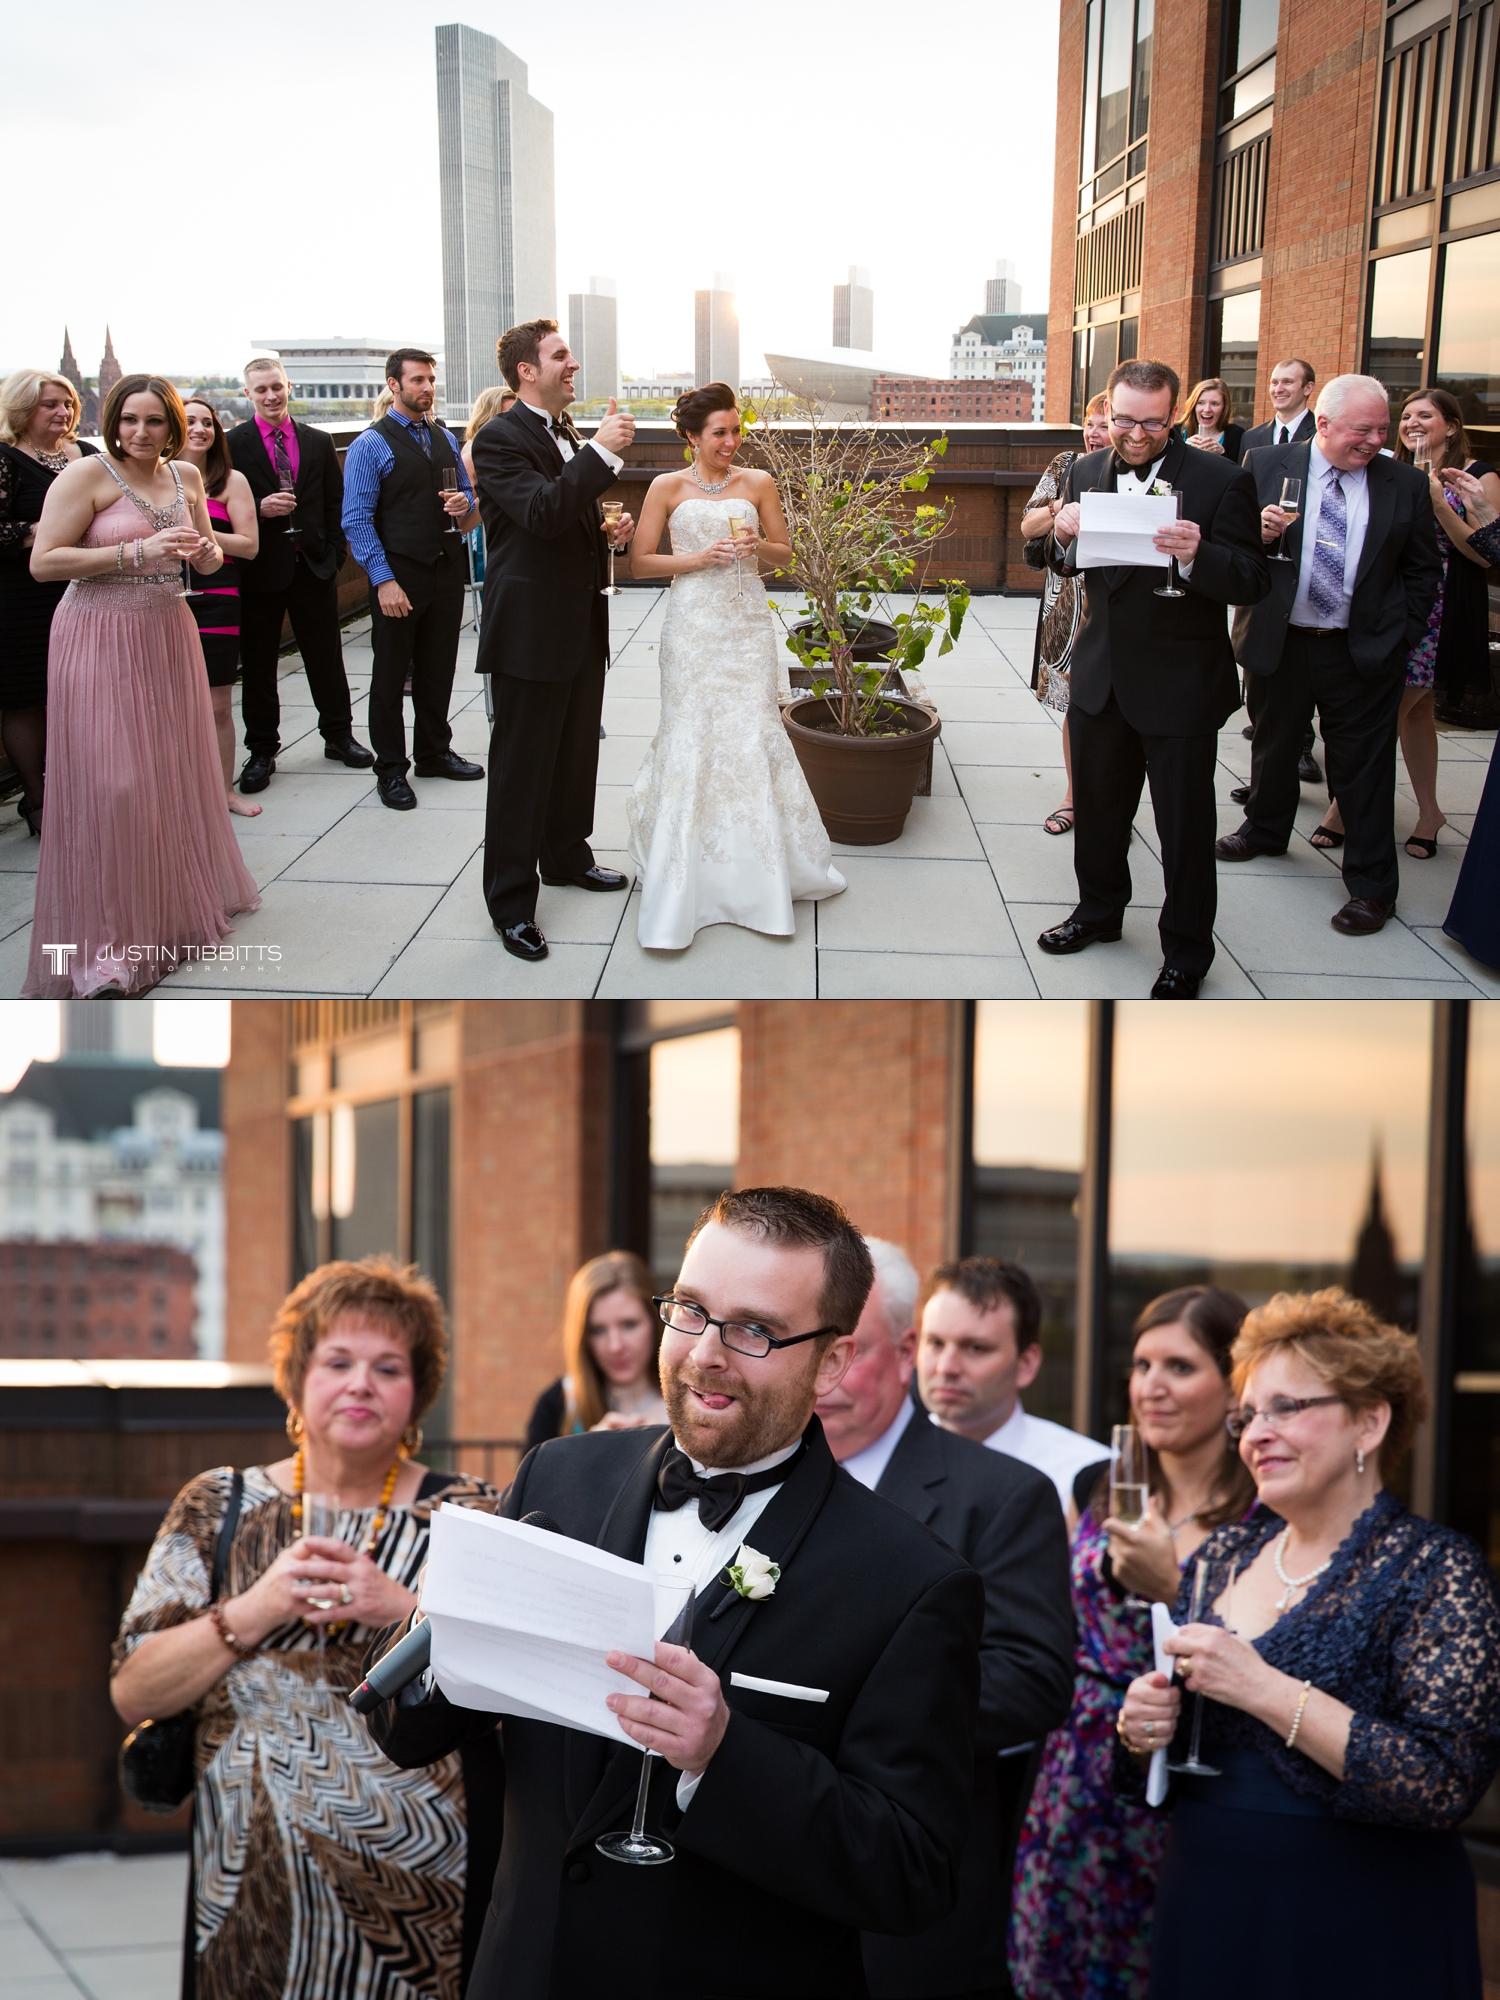 Albany NY Wedding Photographer Justin Tibbitts Photography 2014 Best of Albany NY Weddings-1413698